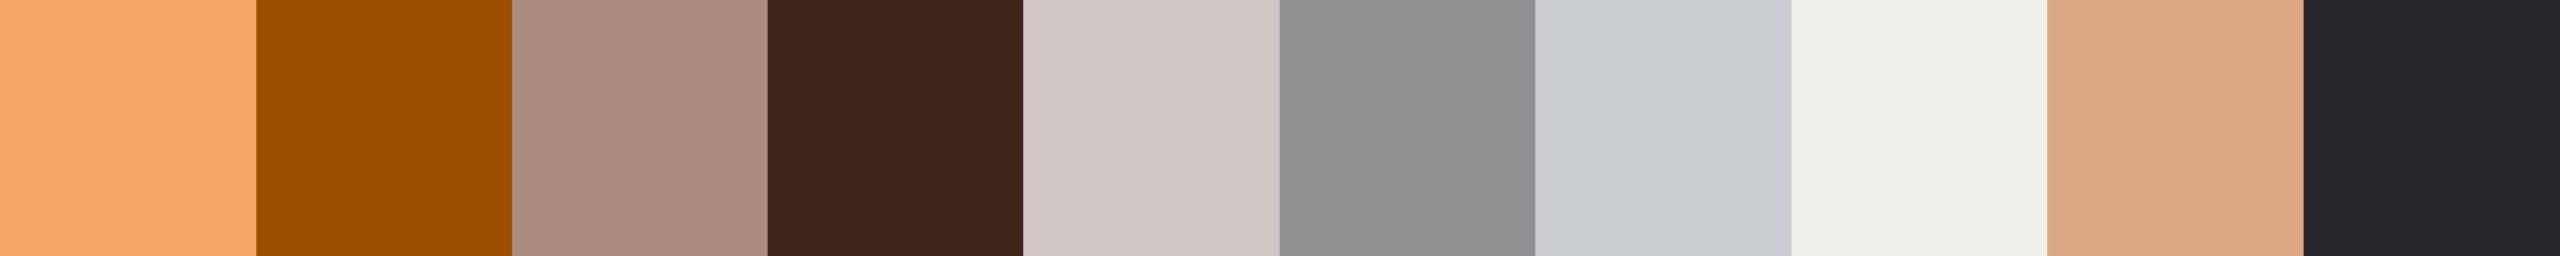 212 Ribadania Color Palette